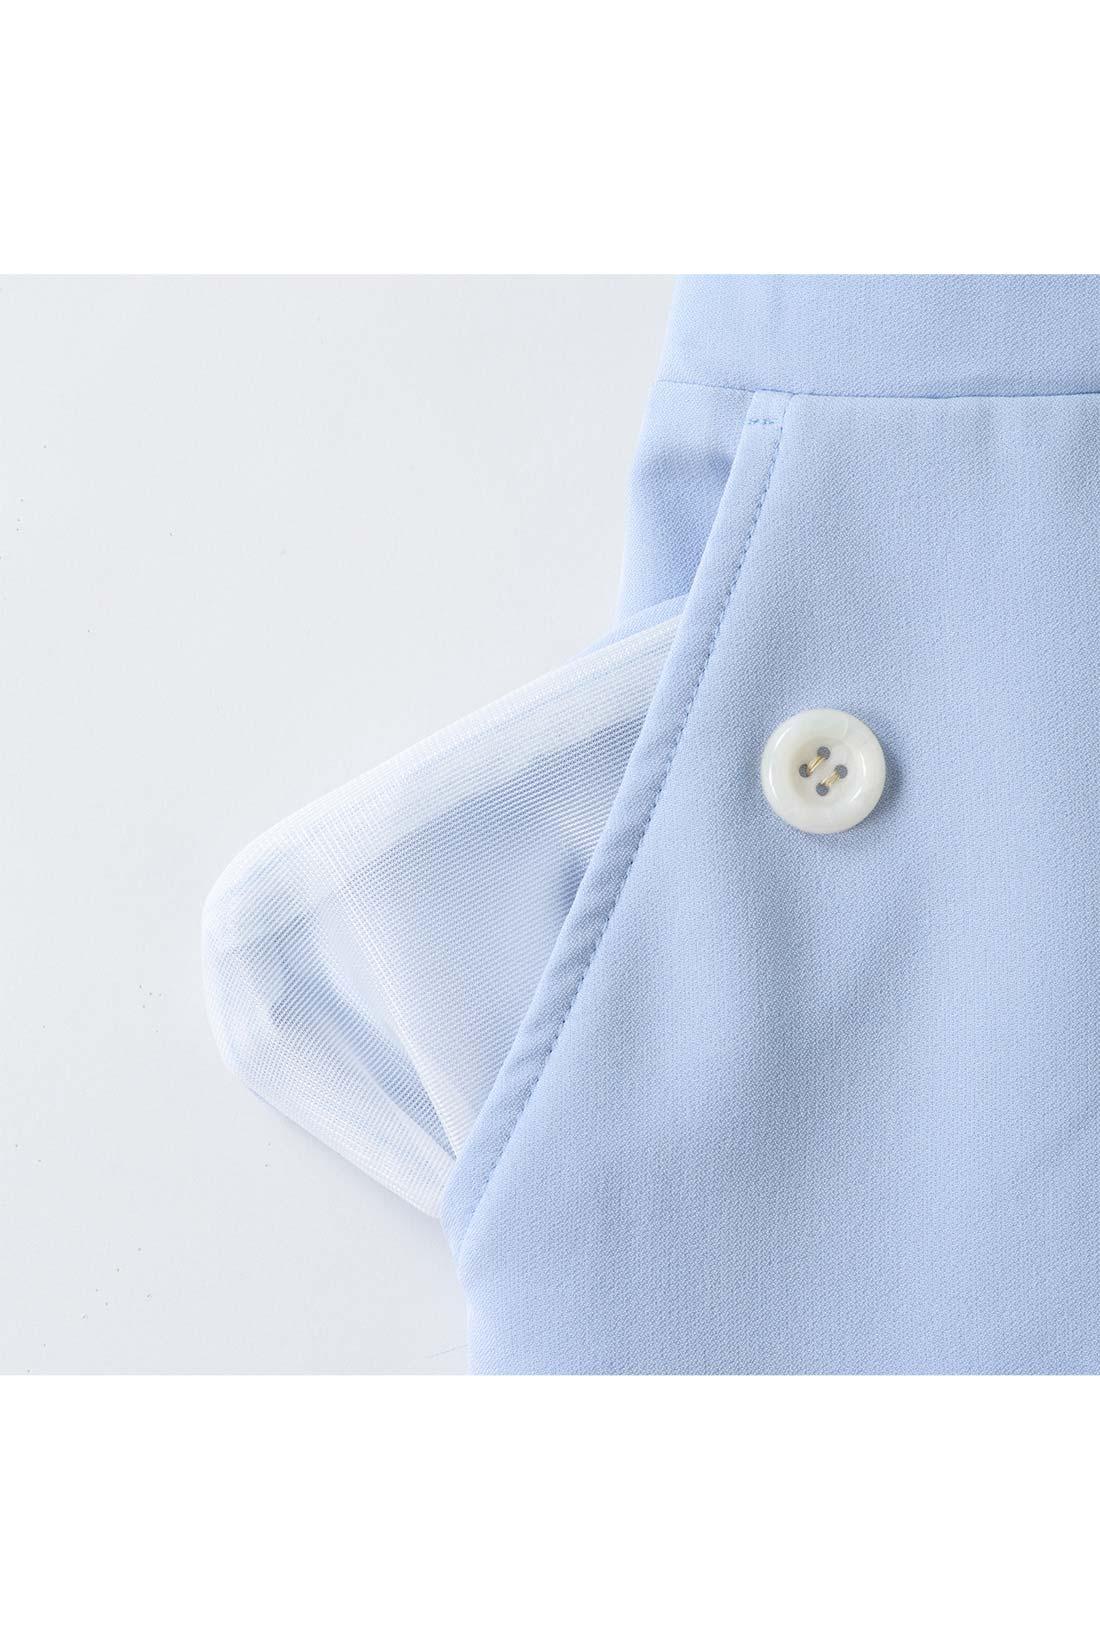 通気性の高いメッシュのポケット袋で涼やか。 ※お届けするカラーとは異なります。